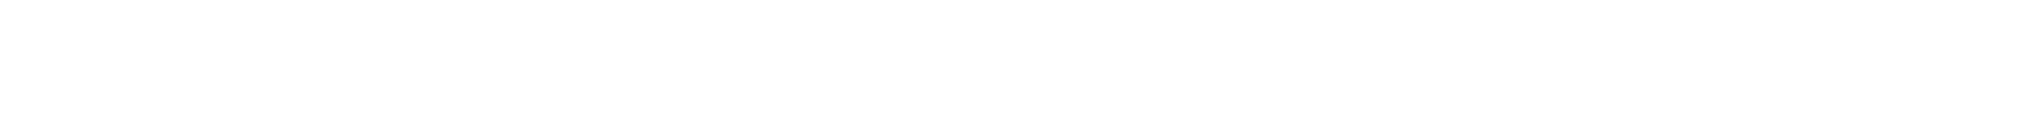 Indieflix Logo Foundation Horizontal White